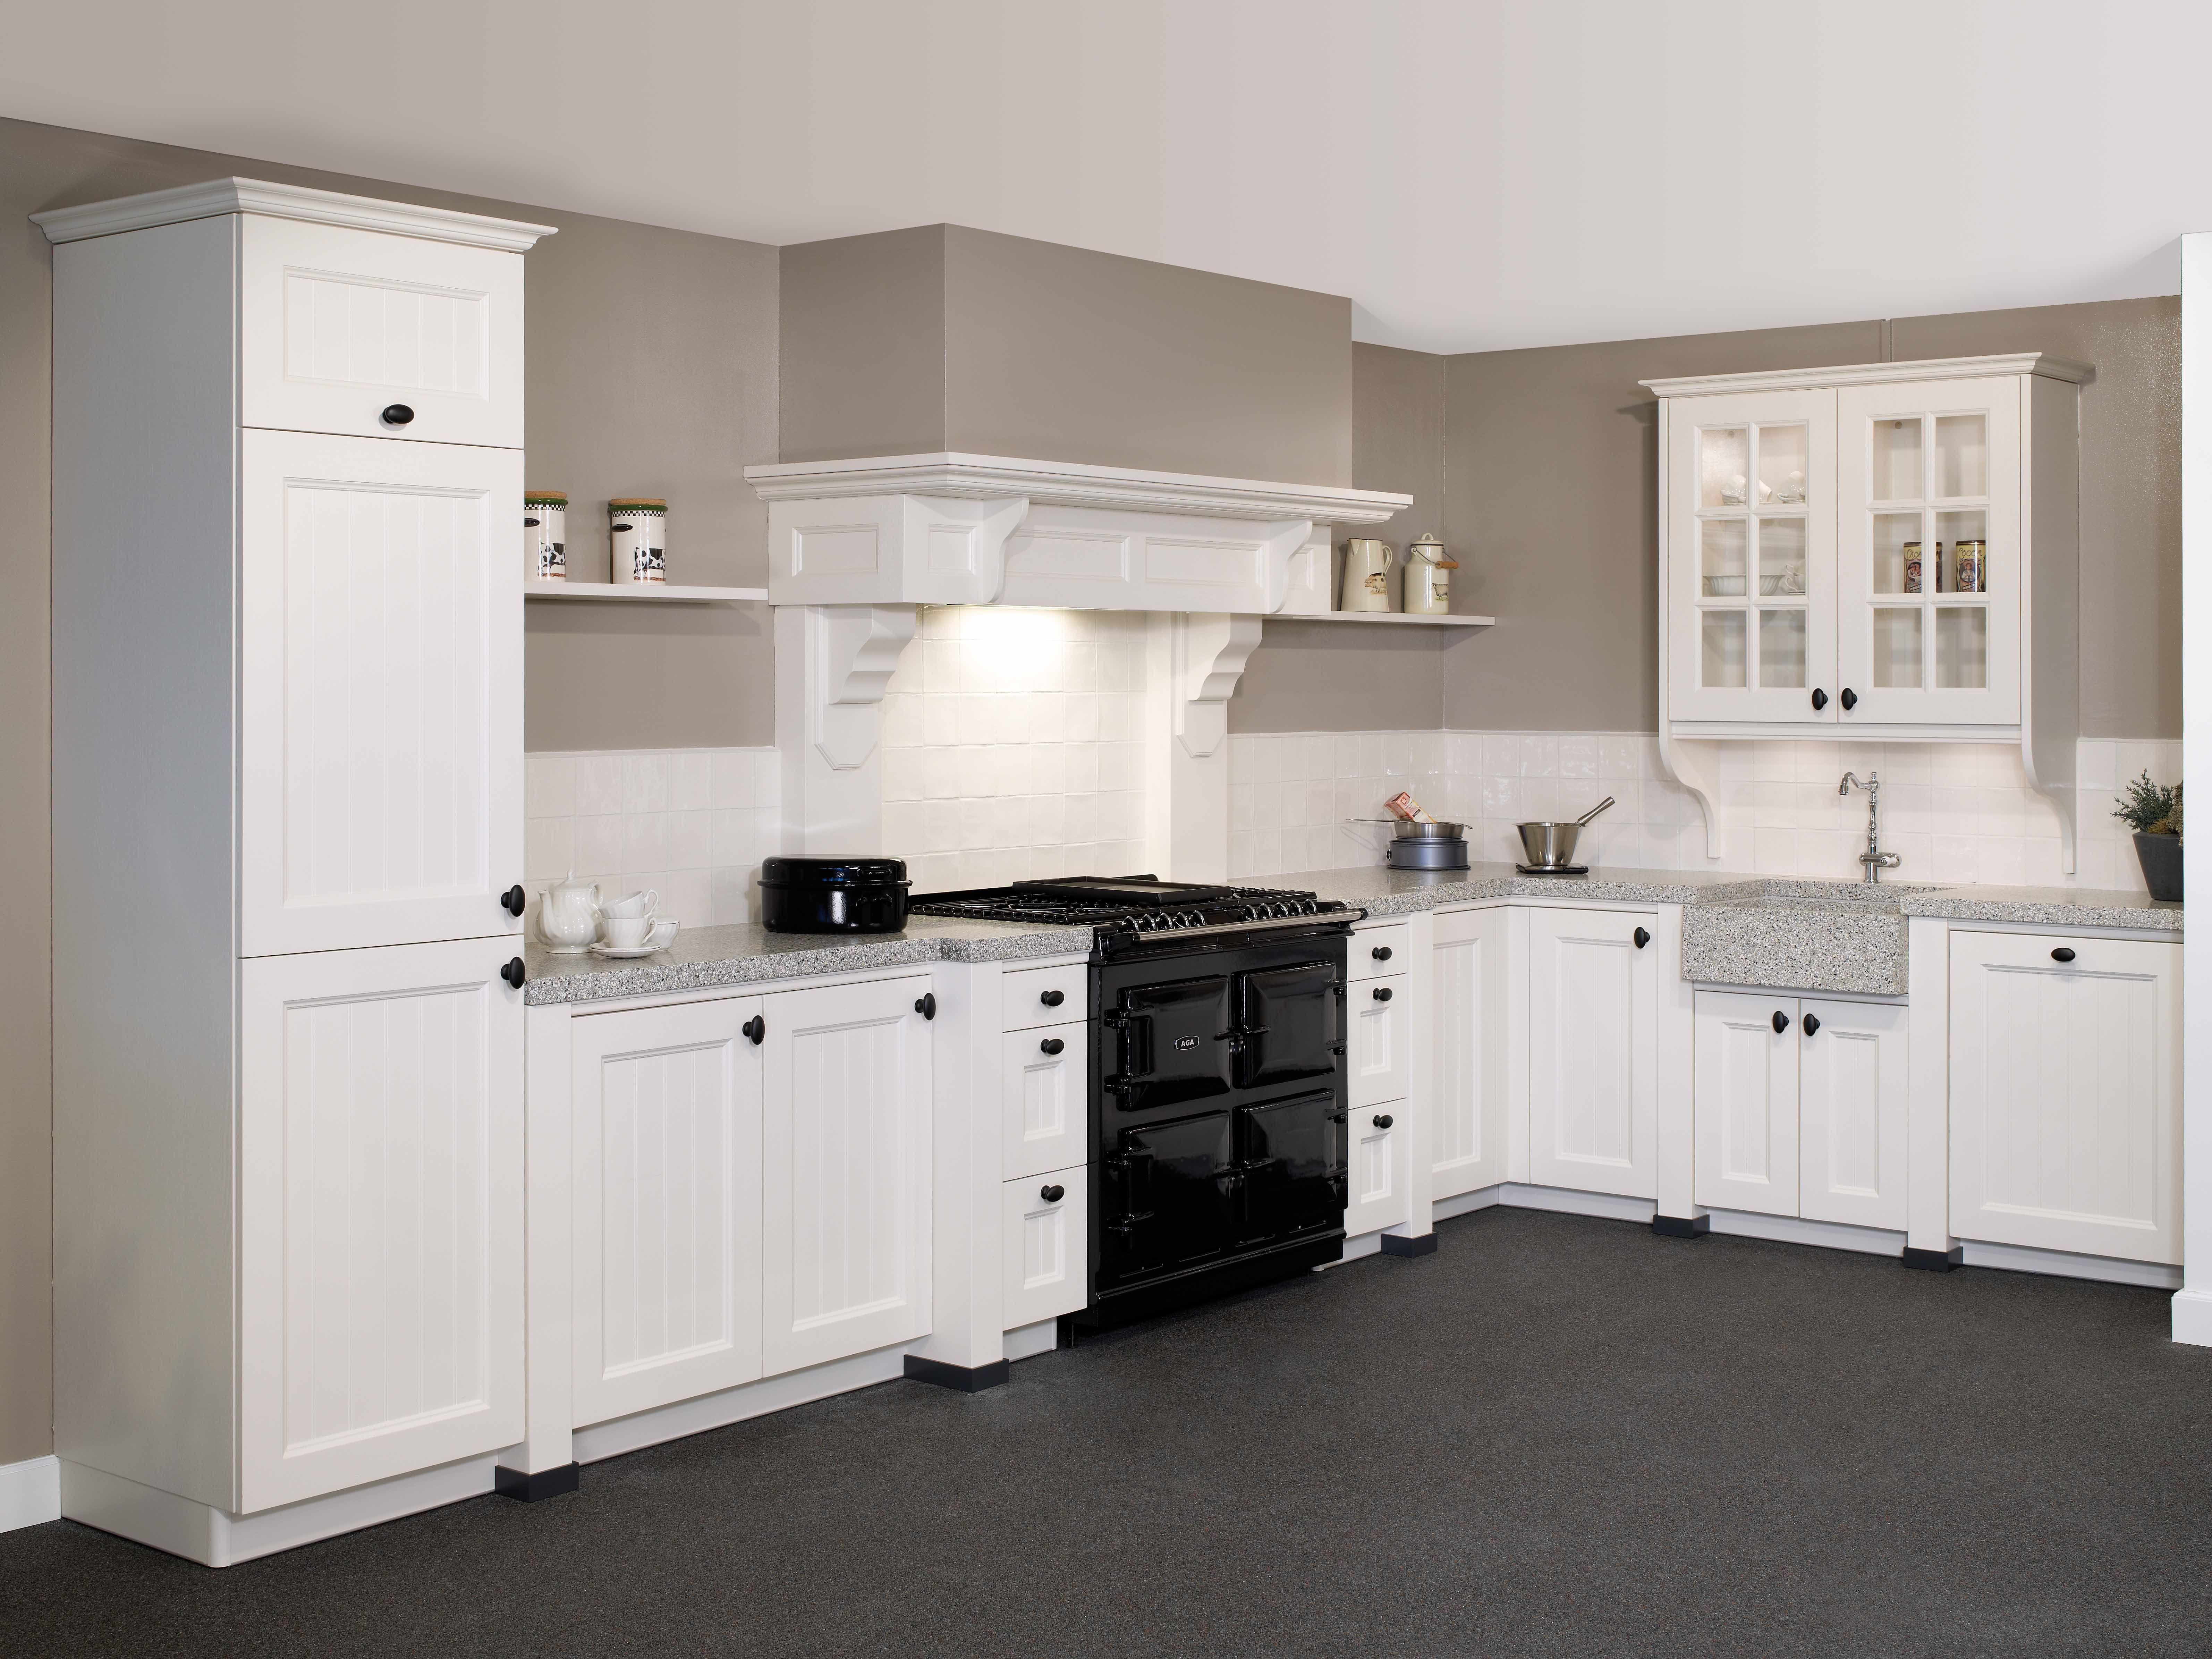 Tristar keuken type keulen in de kleur oud wit dit model is